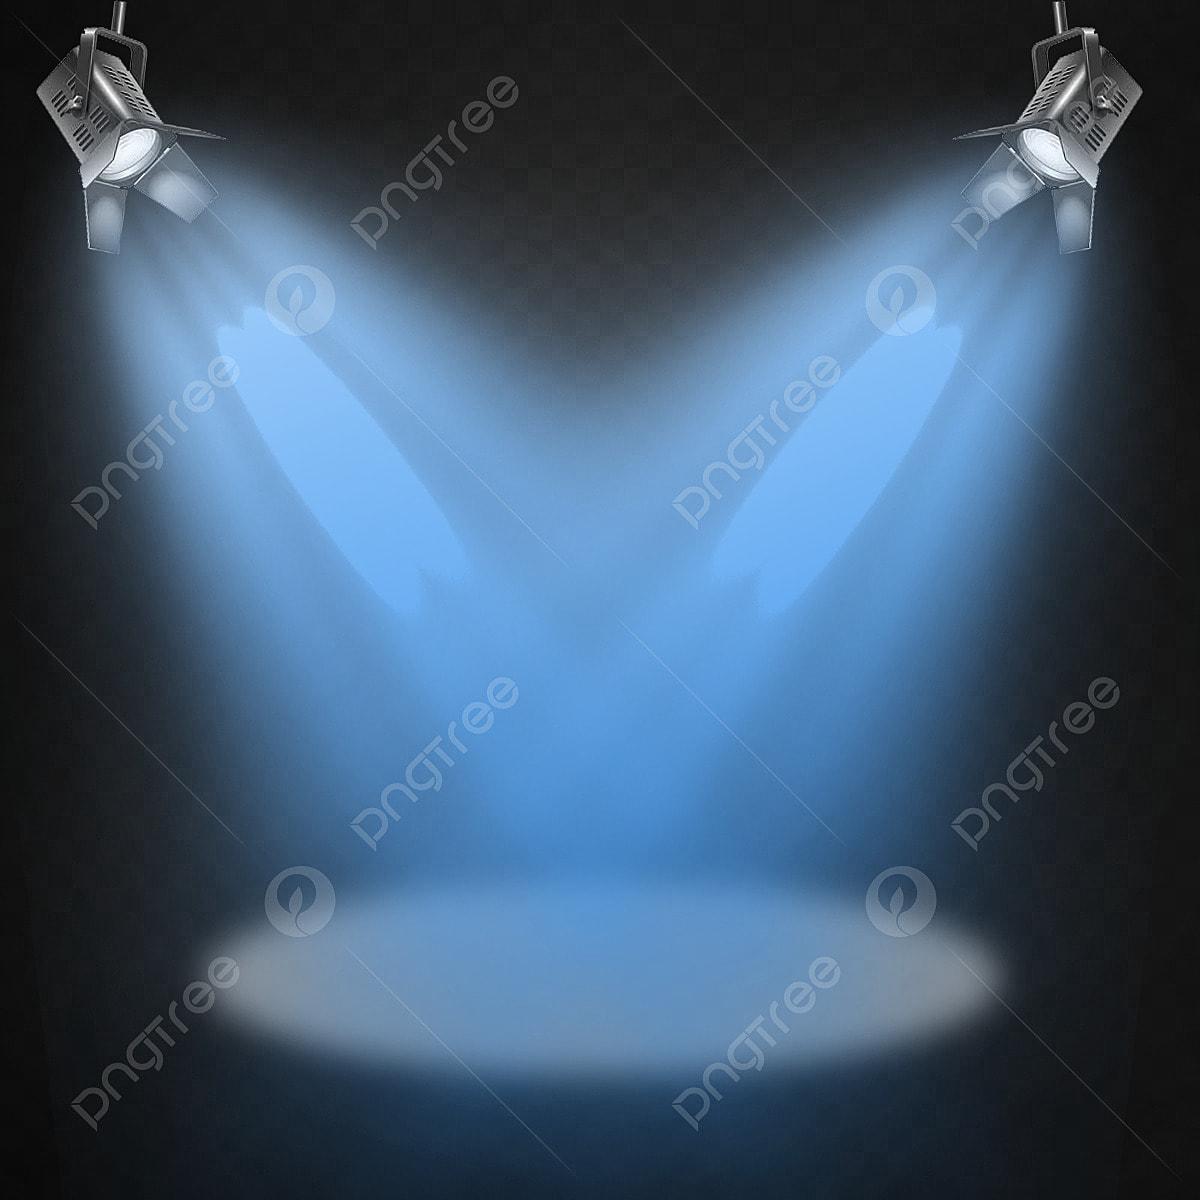 Màu Xanh ánh đèn Sân Khấu ánh đèn Sân Khấu Hiệu ứng ánh